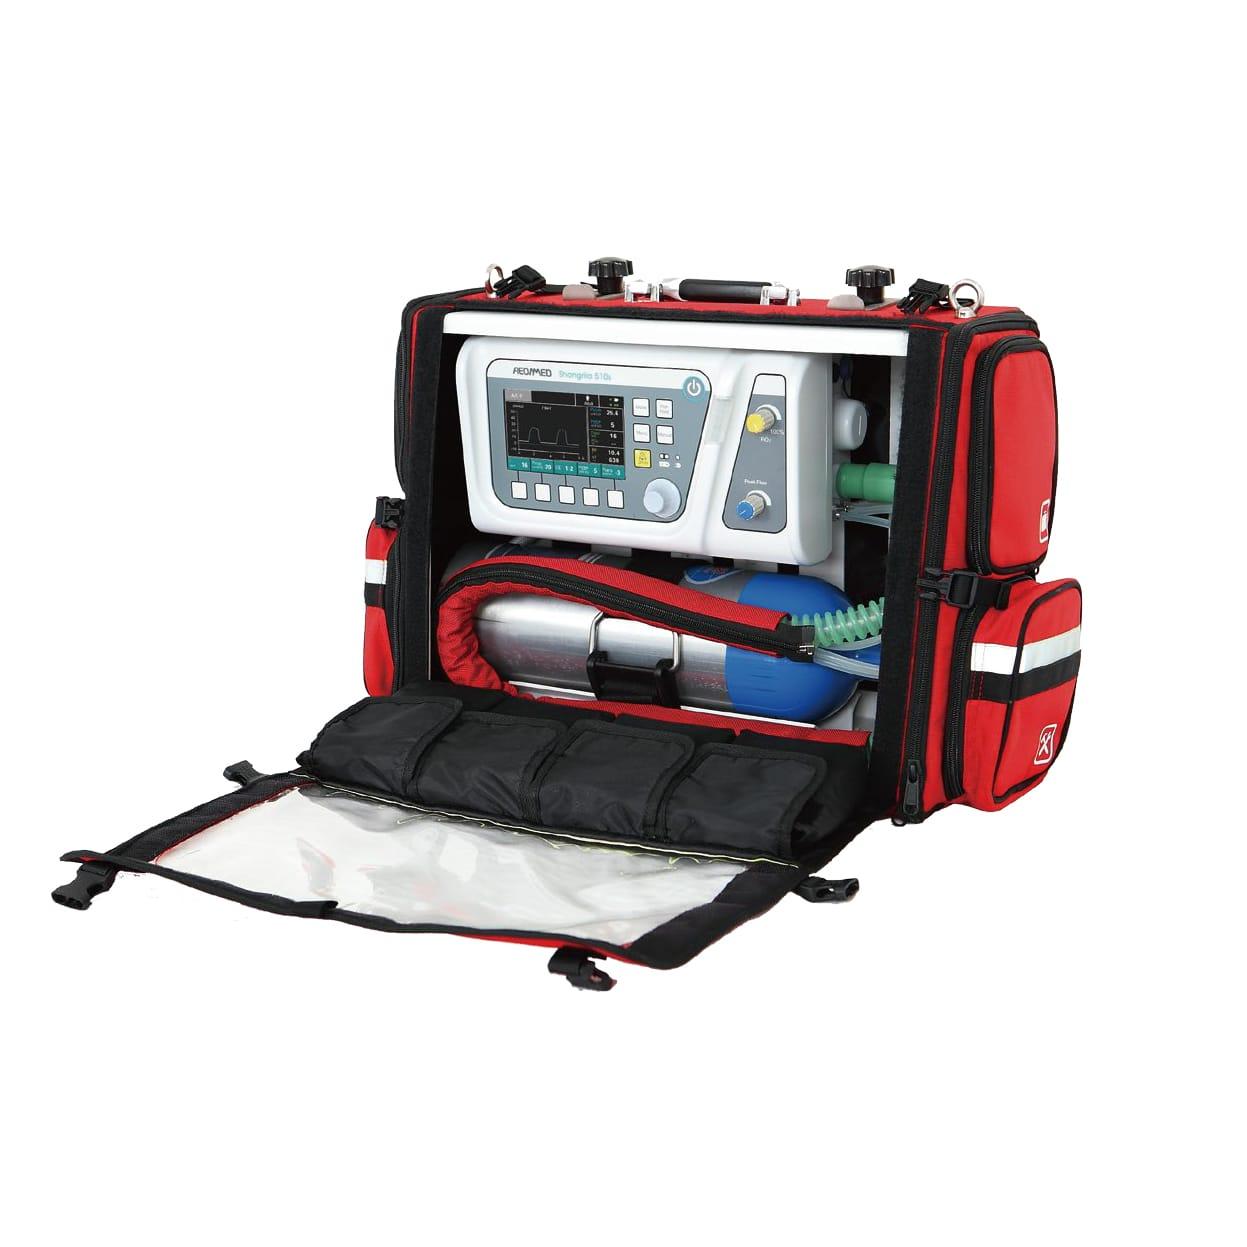 Emergency Transport Ventilator for sale